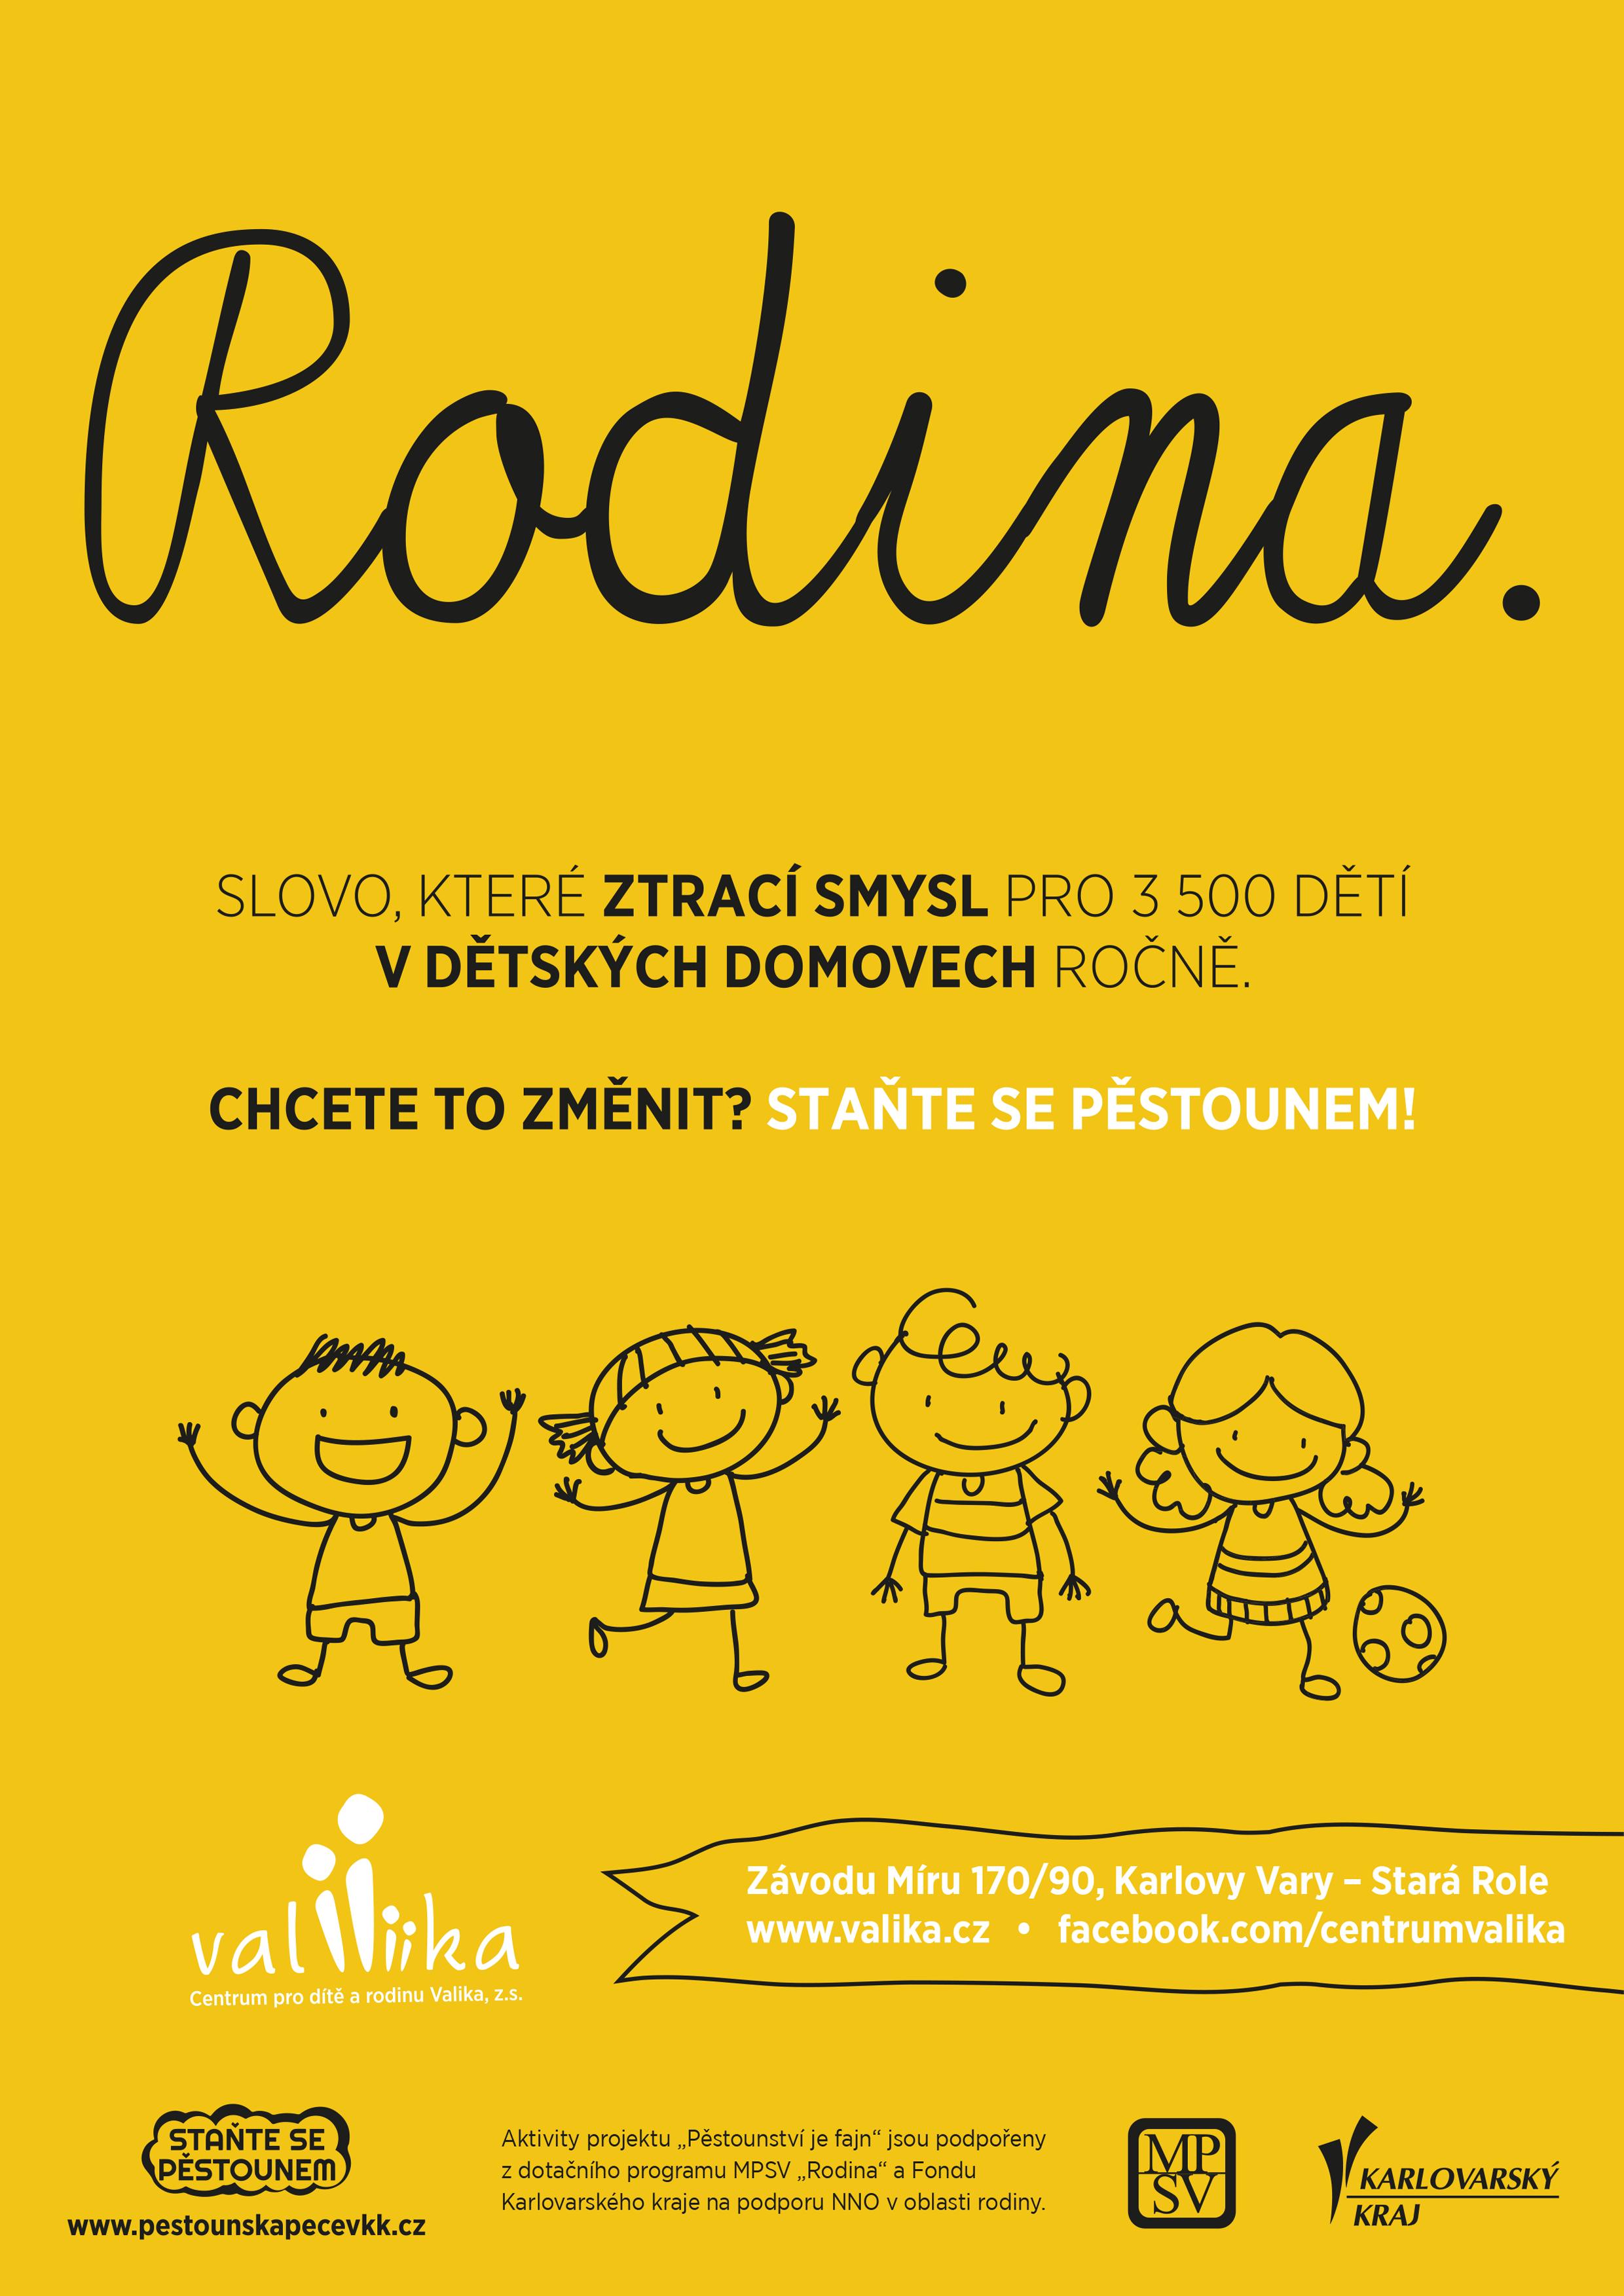 valika_inzerce_rodina_a4